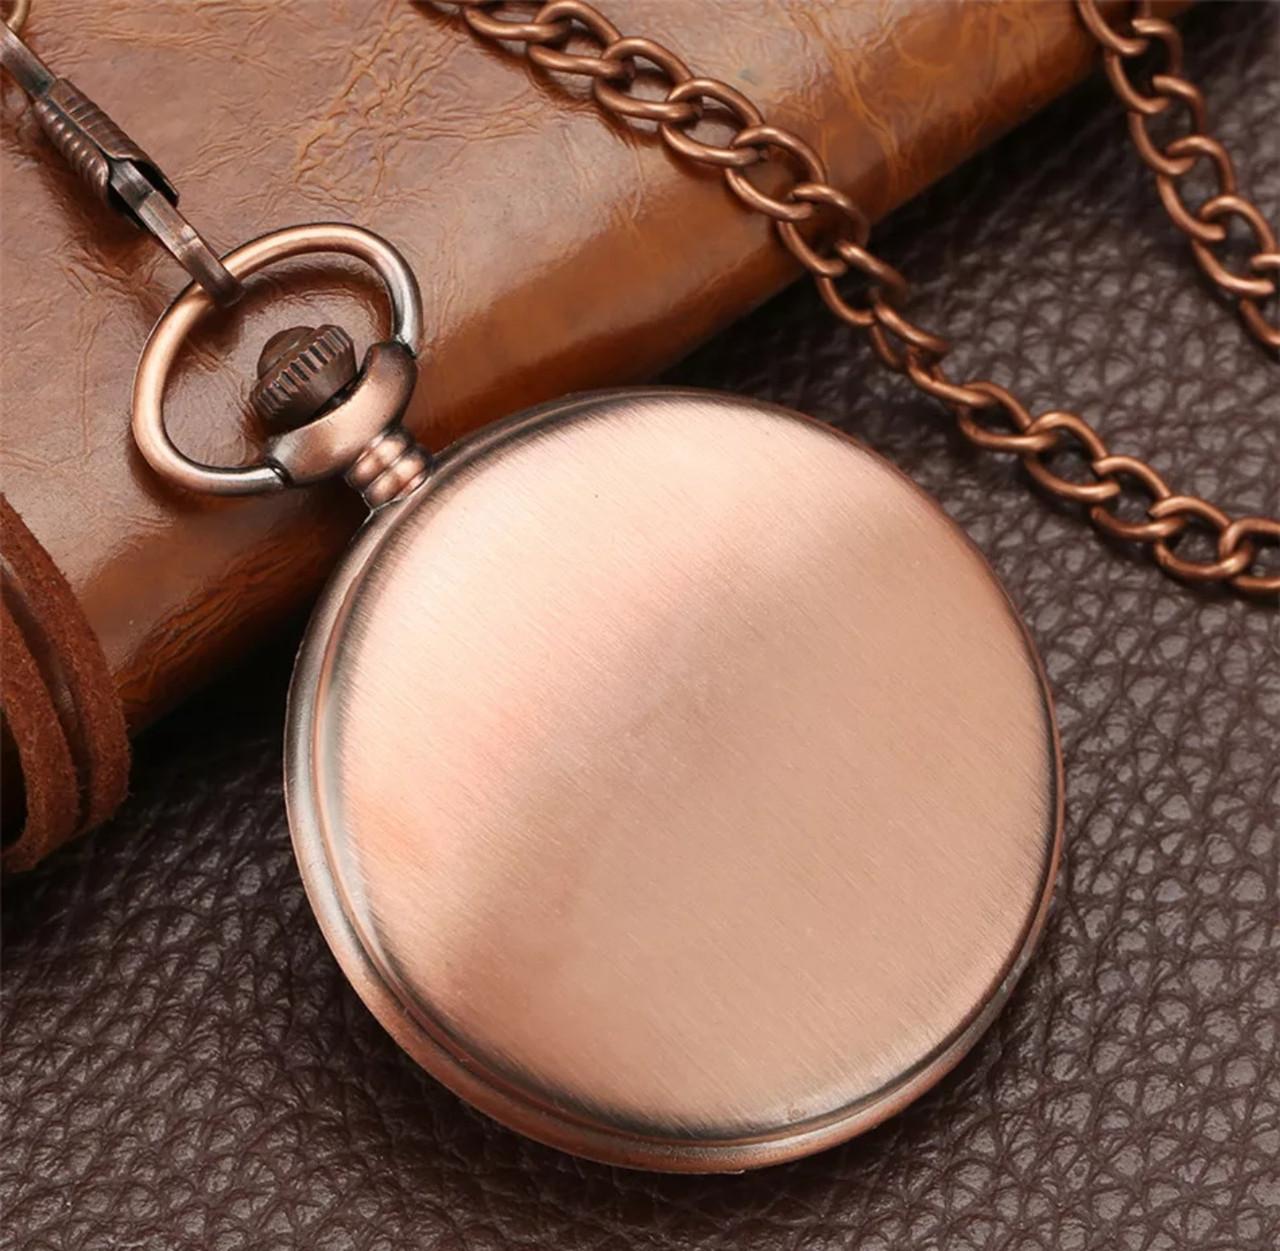 Карманные мужские часы на цепочке медный цвет